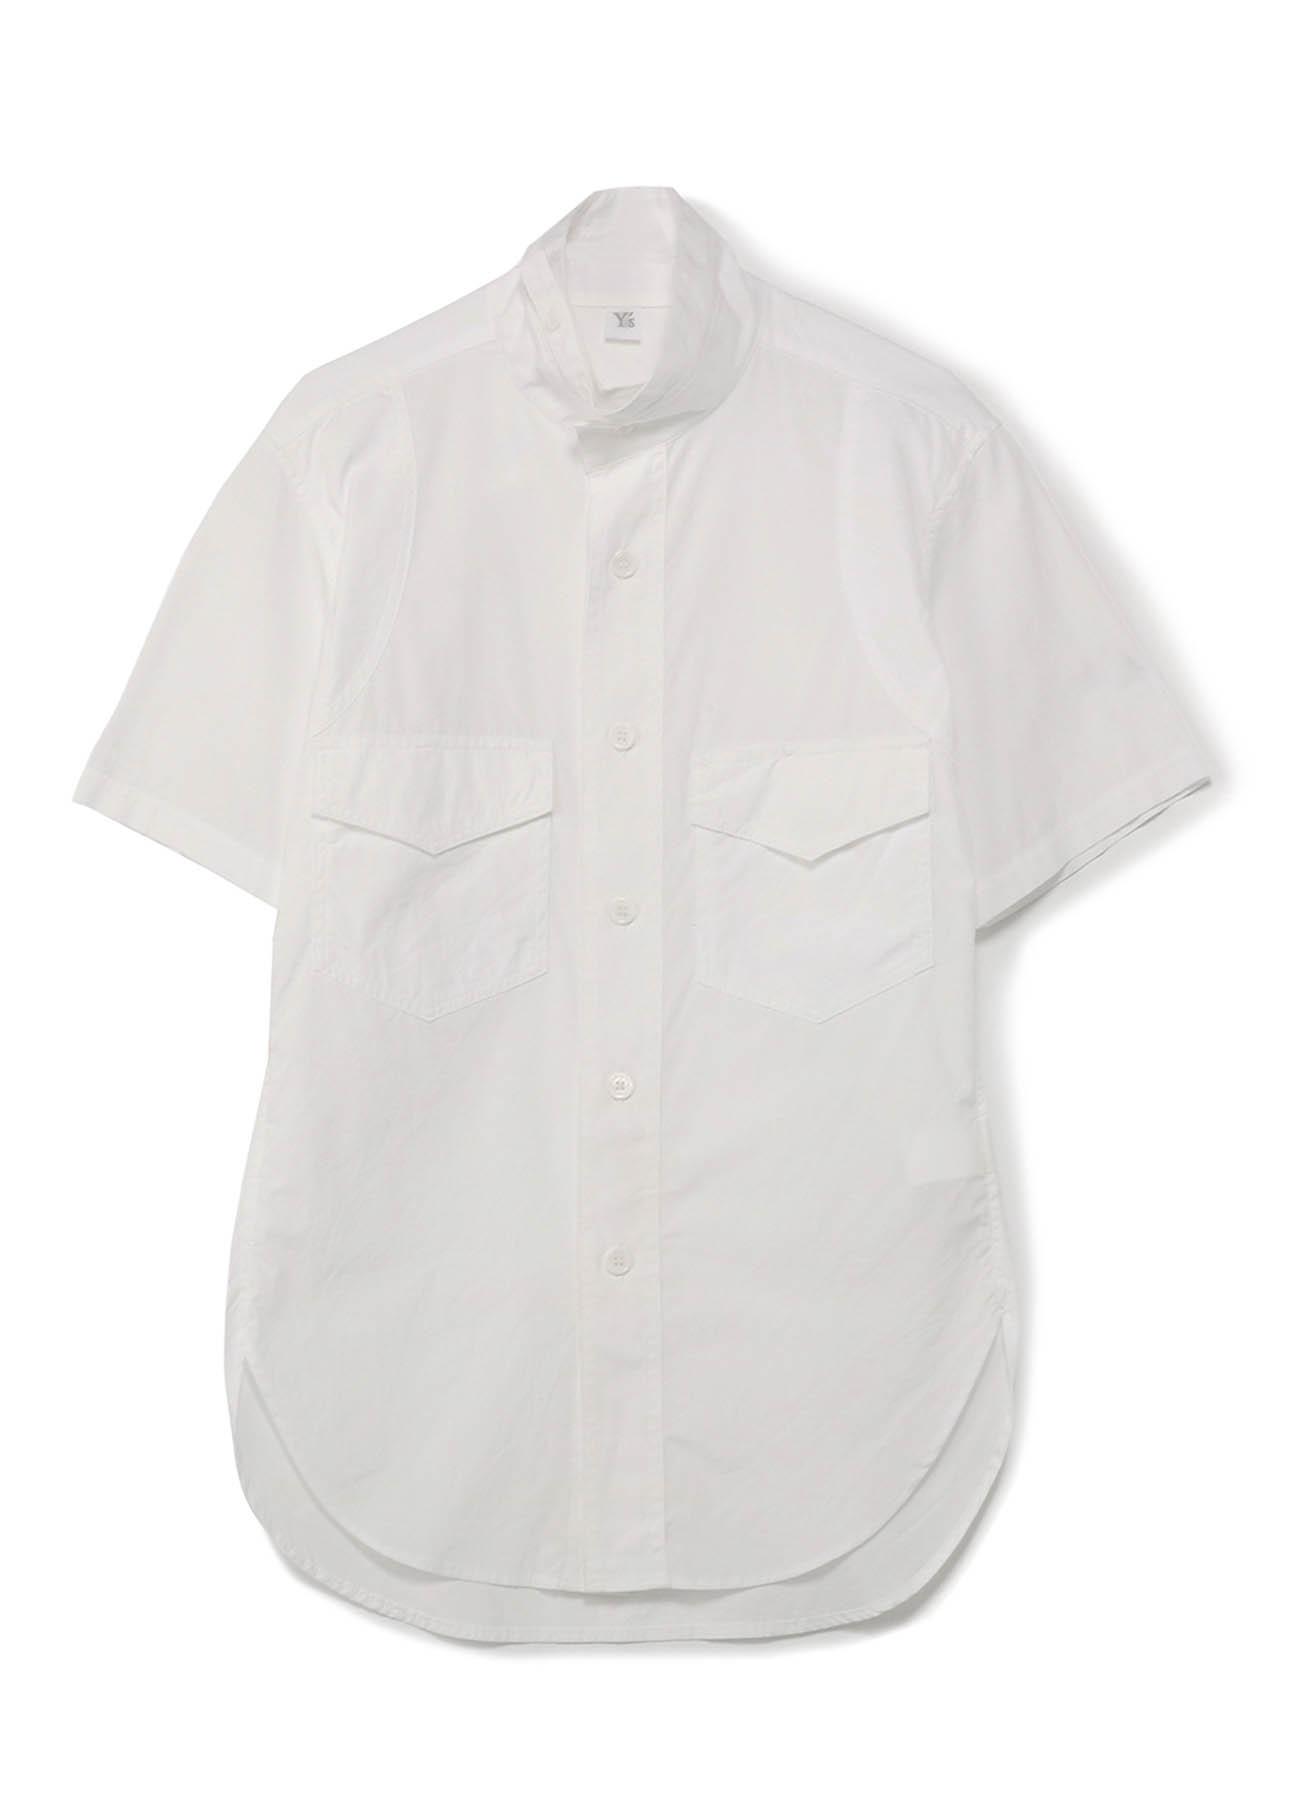 军用风情短袖衬衫